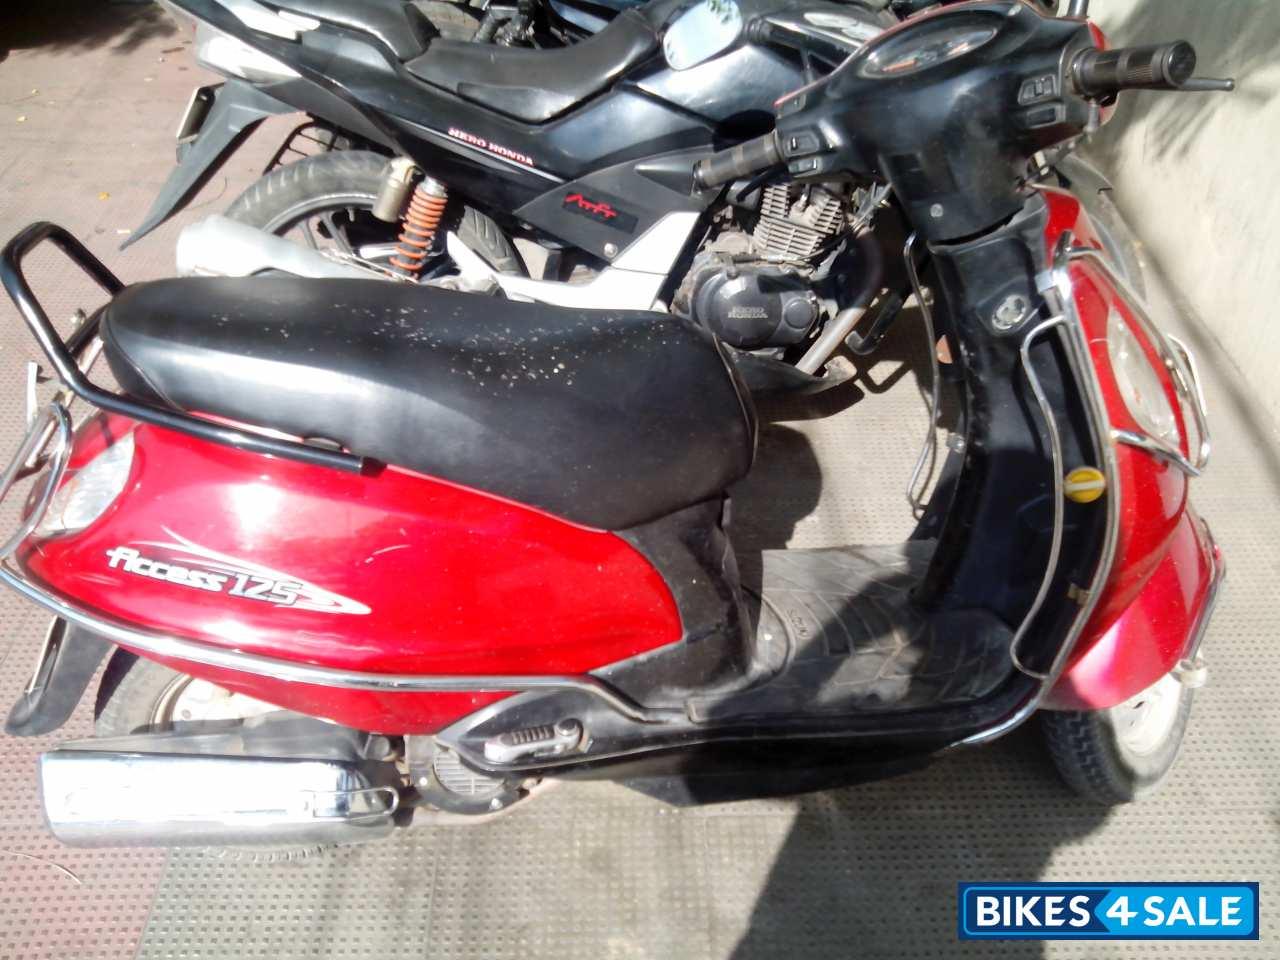 Suzuki Access  Second Hand Price In Hyderabad